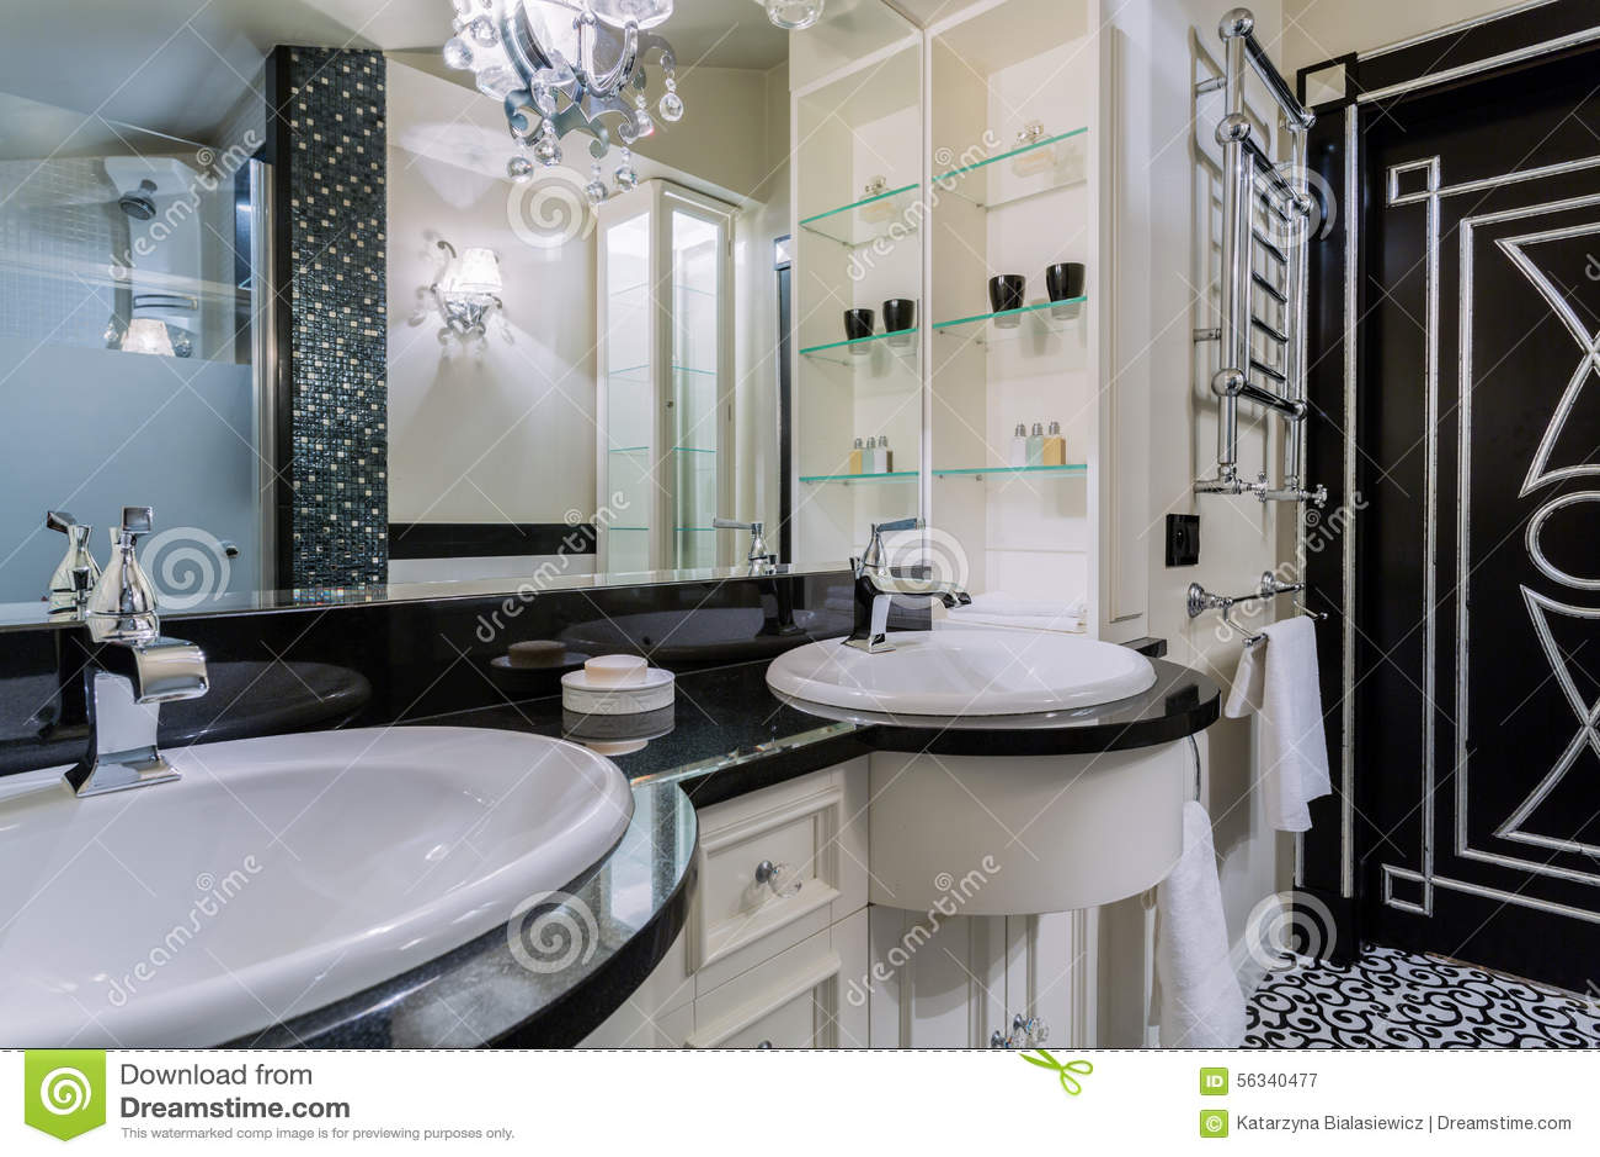 salle de bains de luxe dans le style baroque image stock. Black Bedroom Furniture Sets. Home Design Ideas